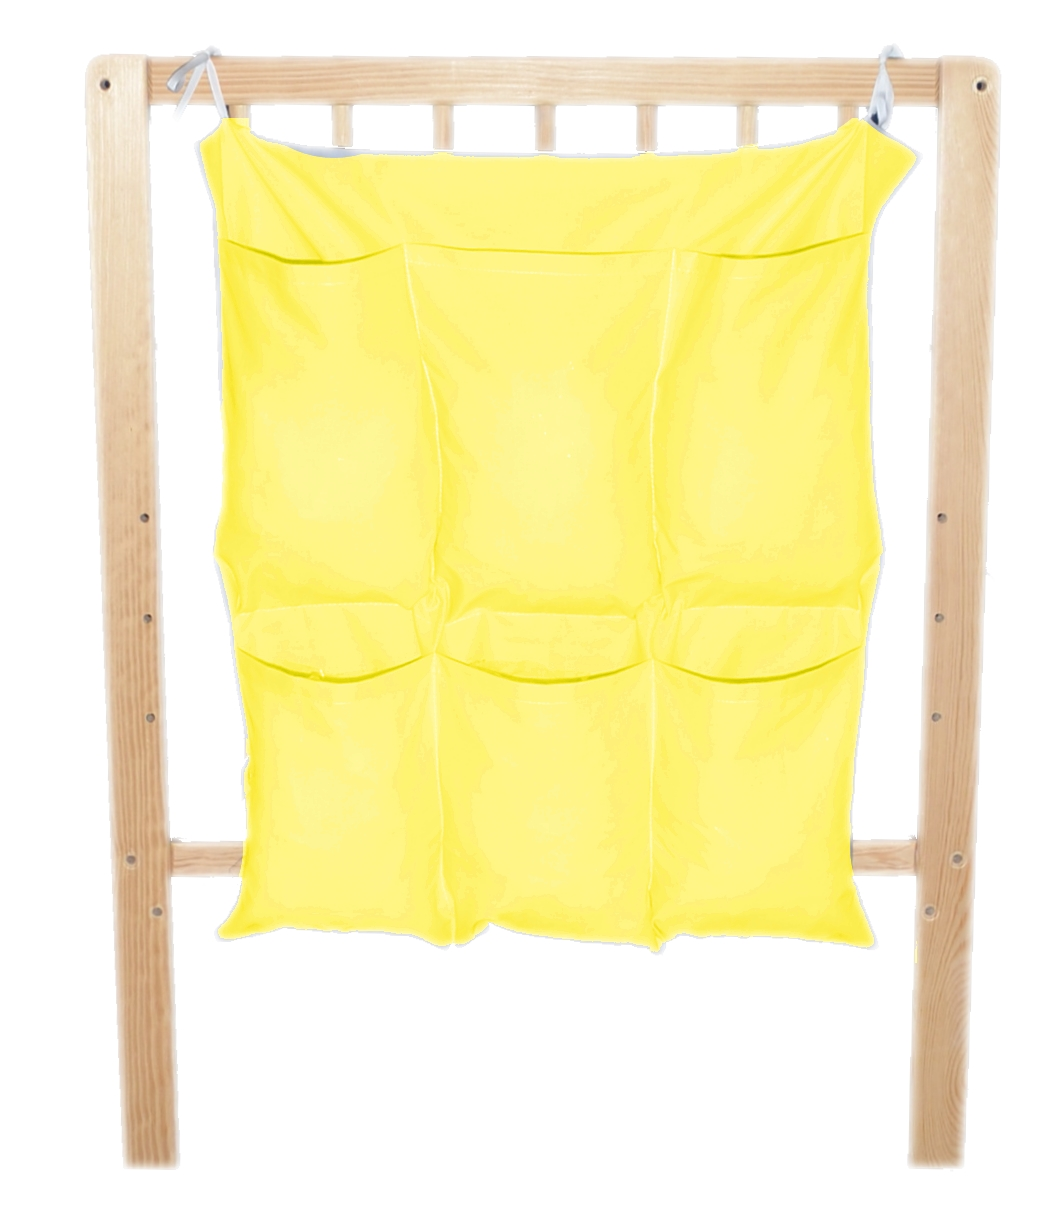 Bavlněný kapsář na postýlku - jednobarevný sytě žlutý (BB7)